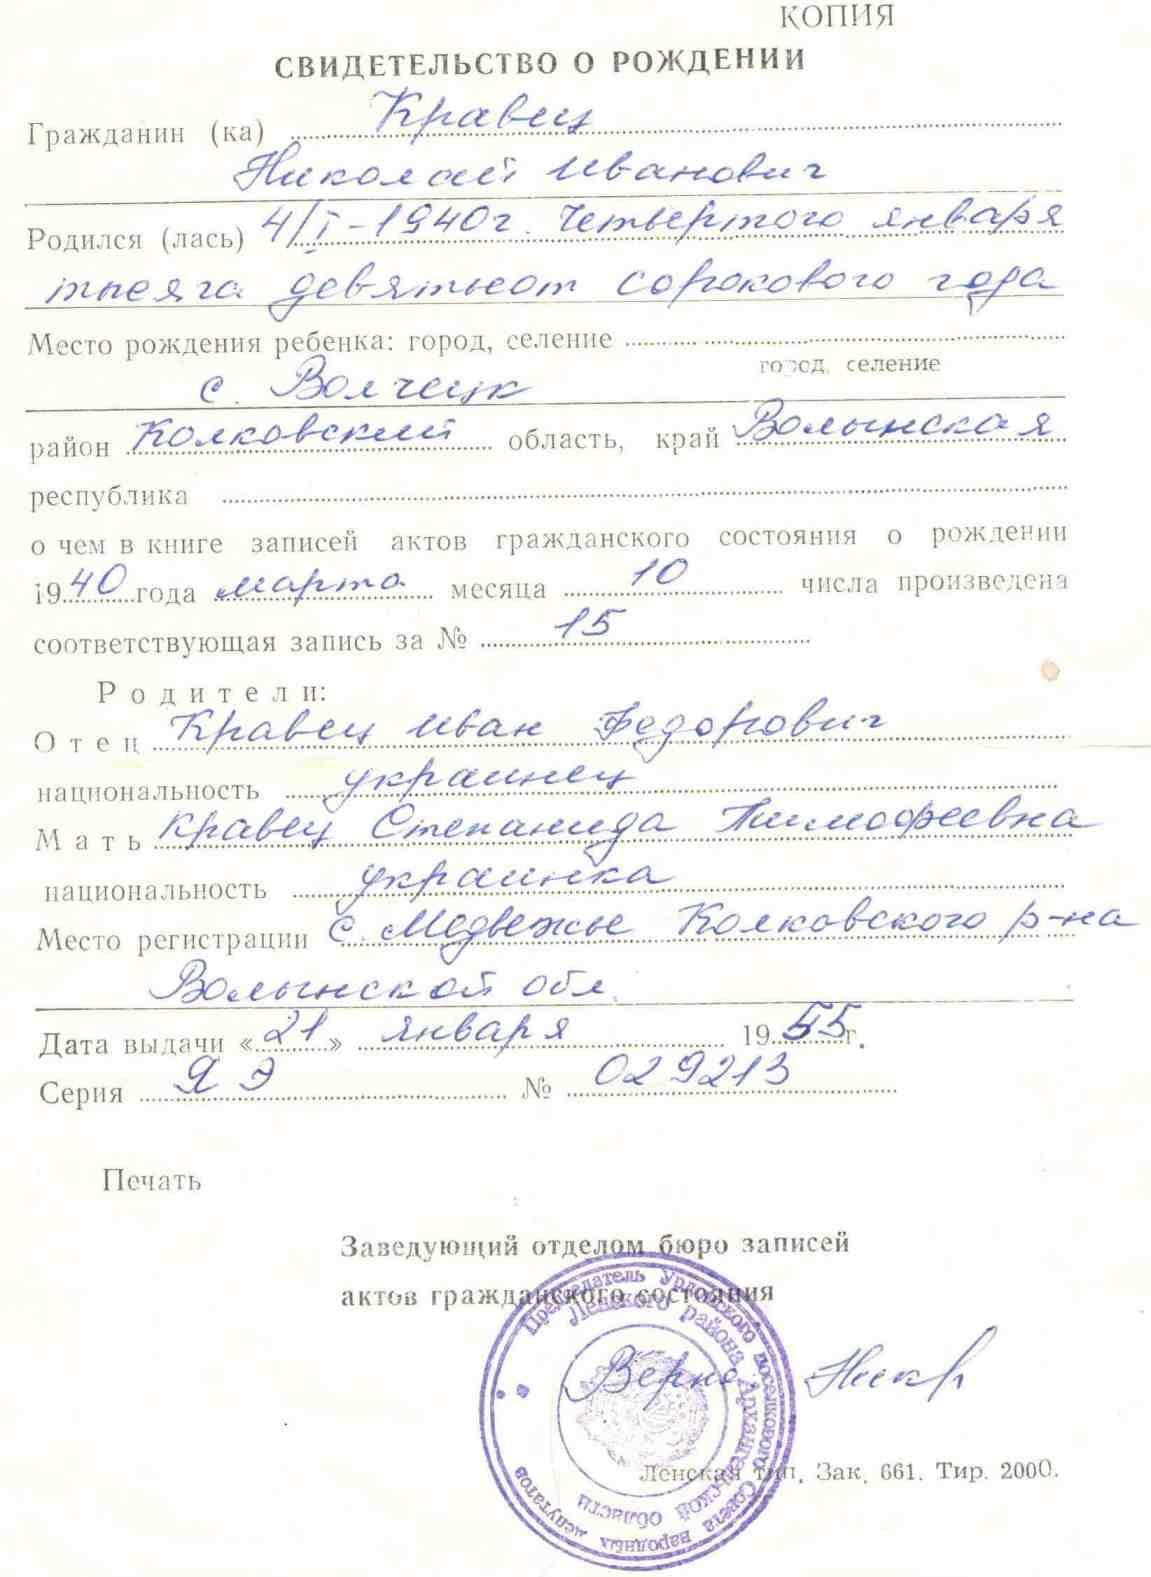 1955.01.21. Свидетельство о рождении Кравец Н.И.